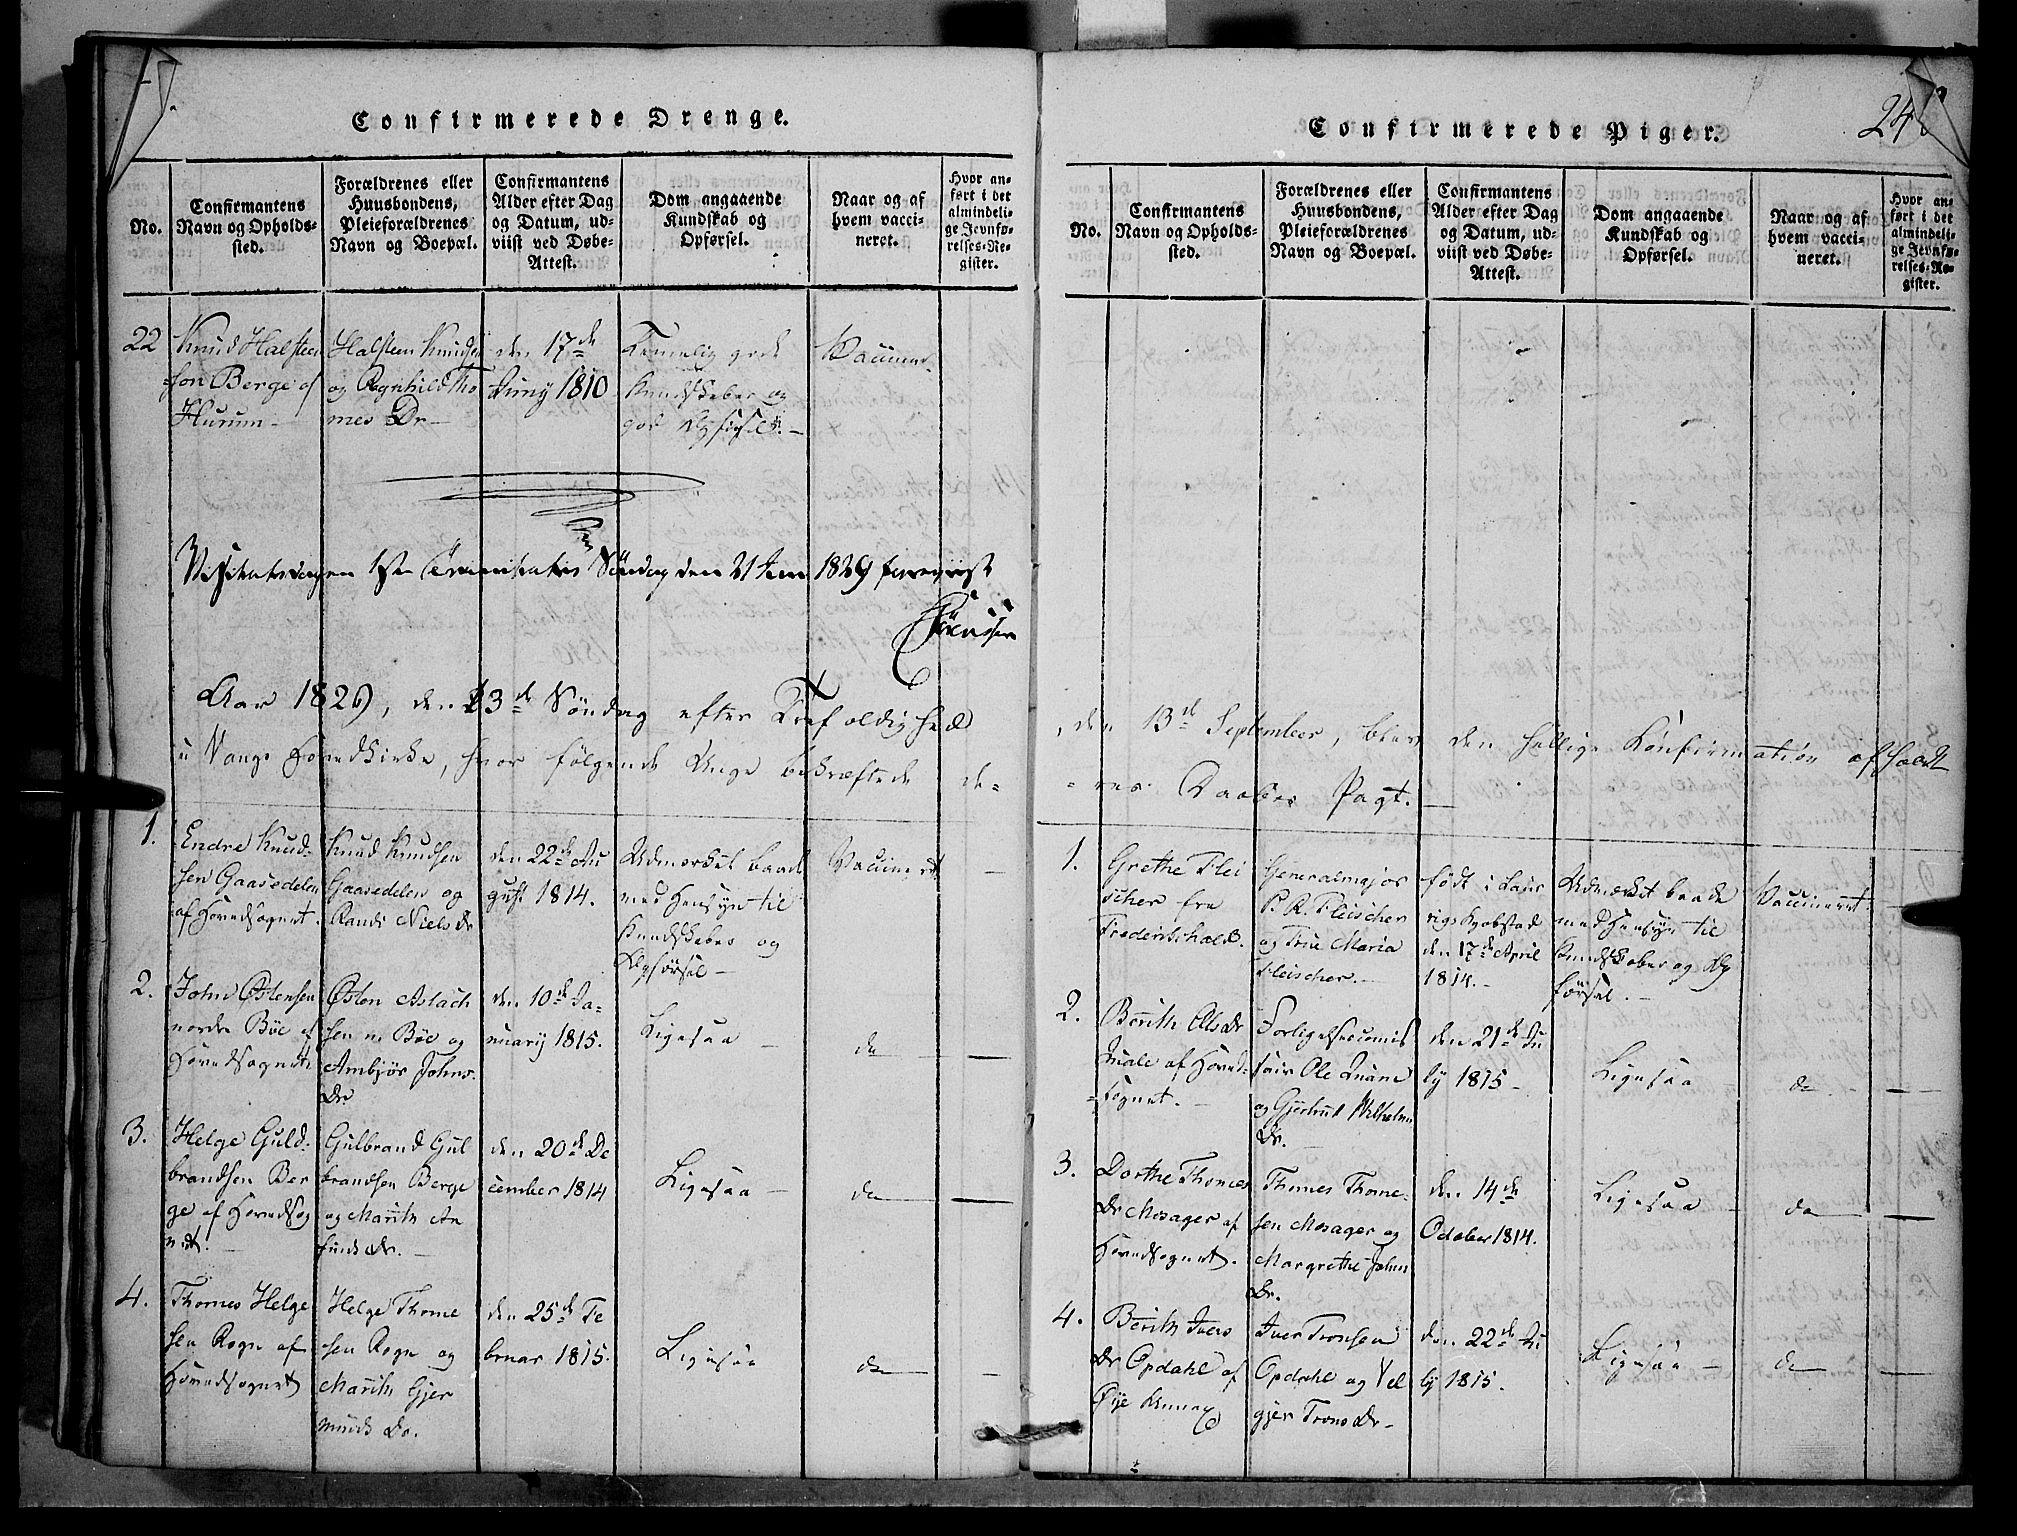 SAH, Vang prestekontor, Valdres, Klokkerbok nr. 1, 1814-1820, s. 248